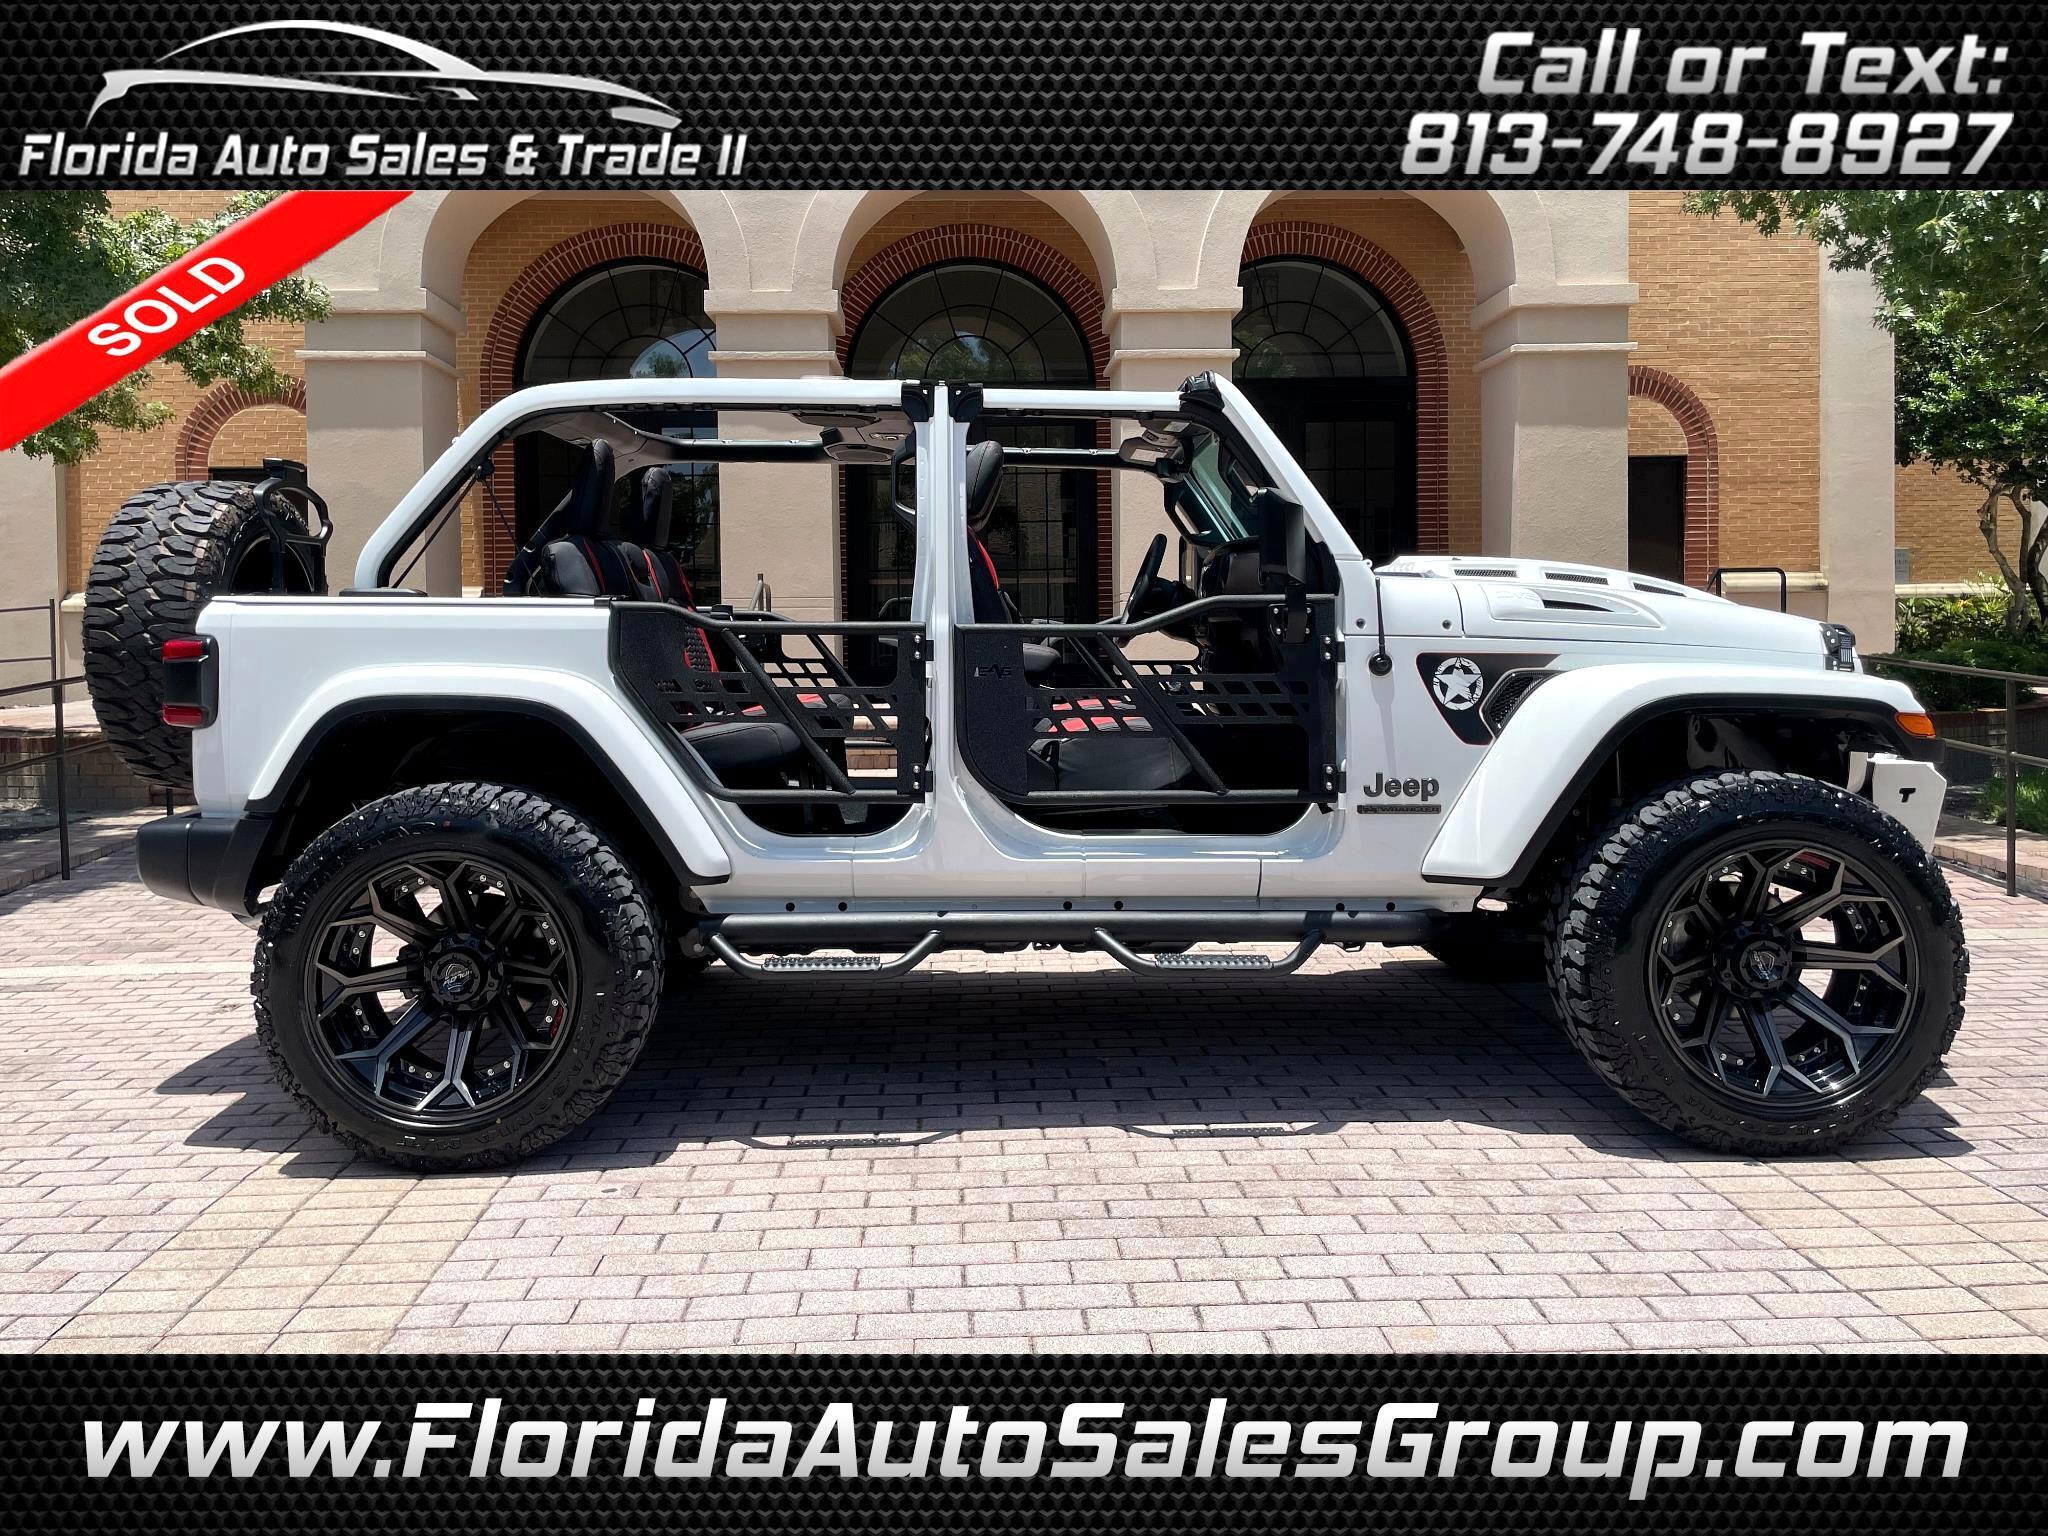 Jeep Wrangler Unlimited 80th Anniversary 4x4 *Ltd Avail* 2021